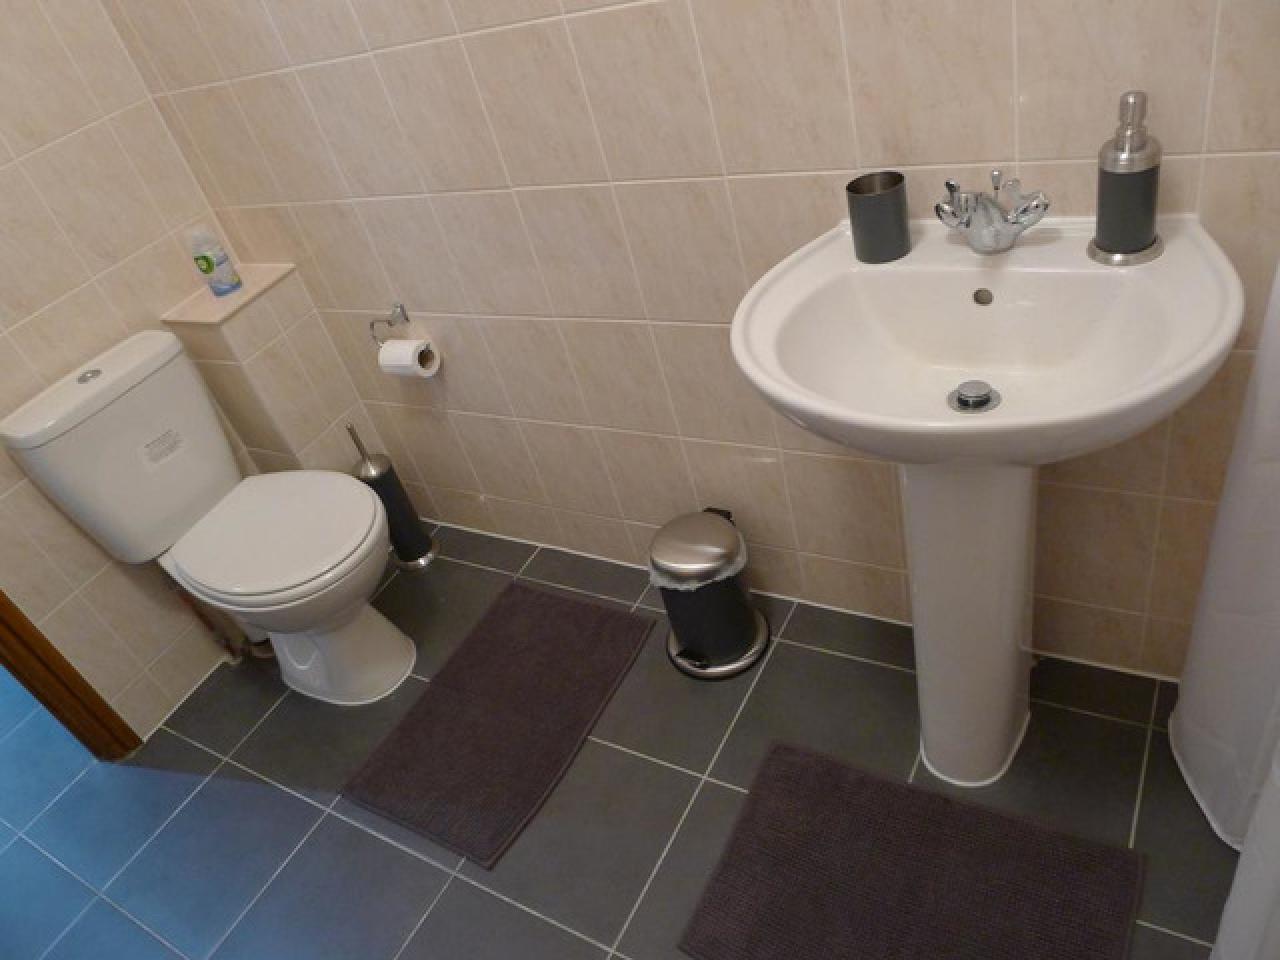 Требуется работоспособная уборщица в новый мини отель, хорошие условия - 4